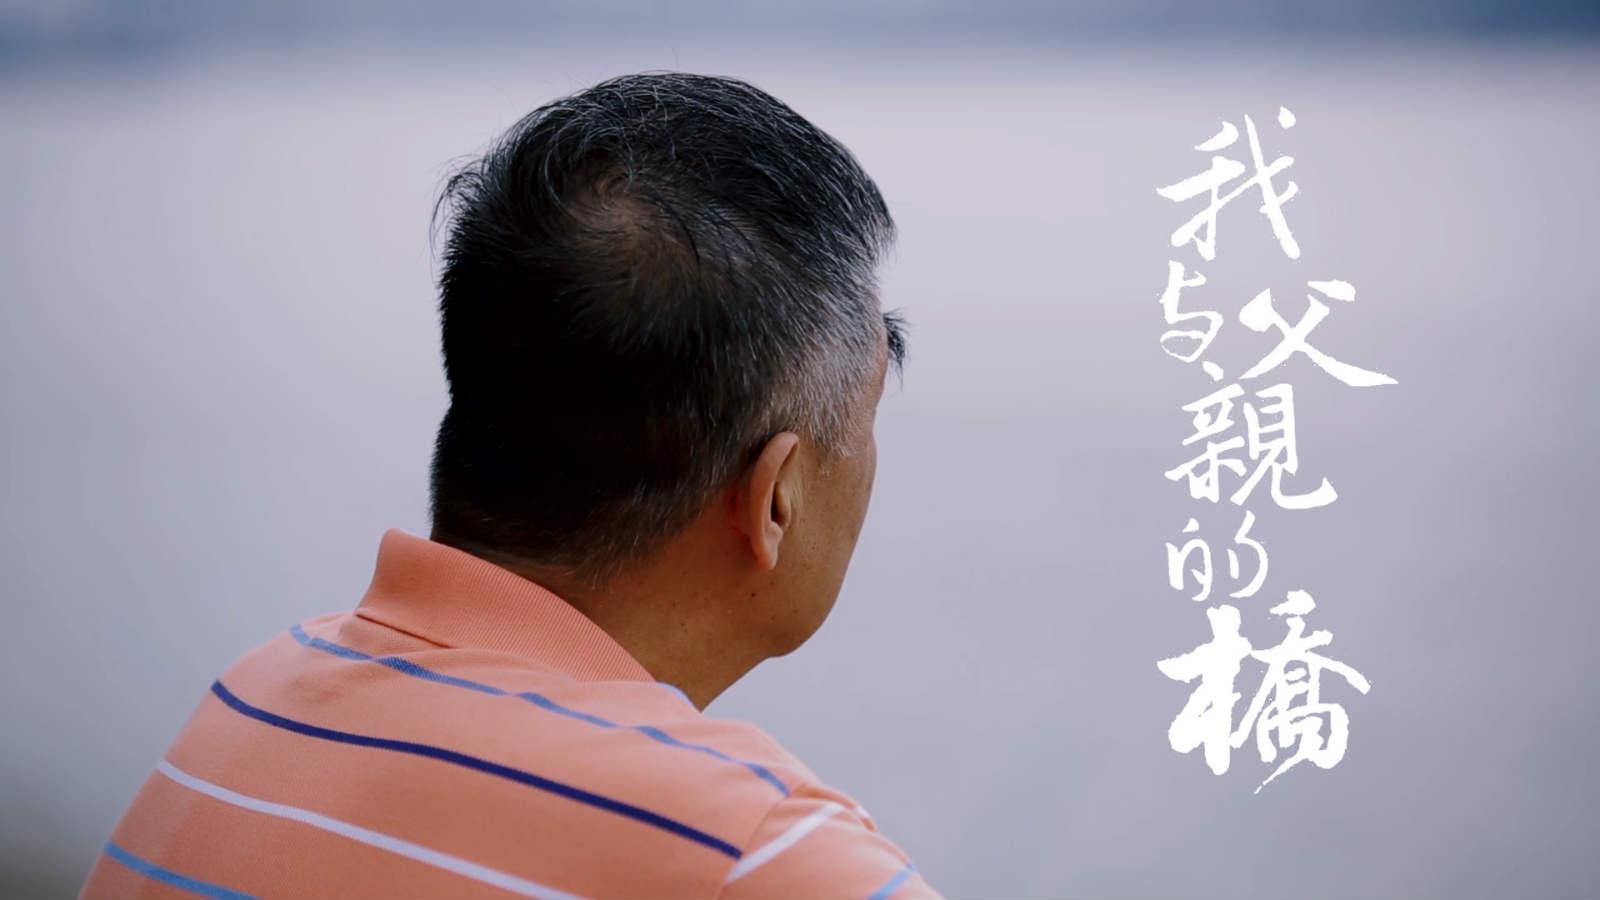 我与父亲的桥【2月23日】